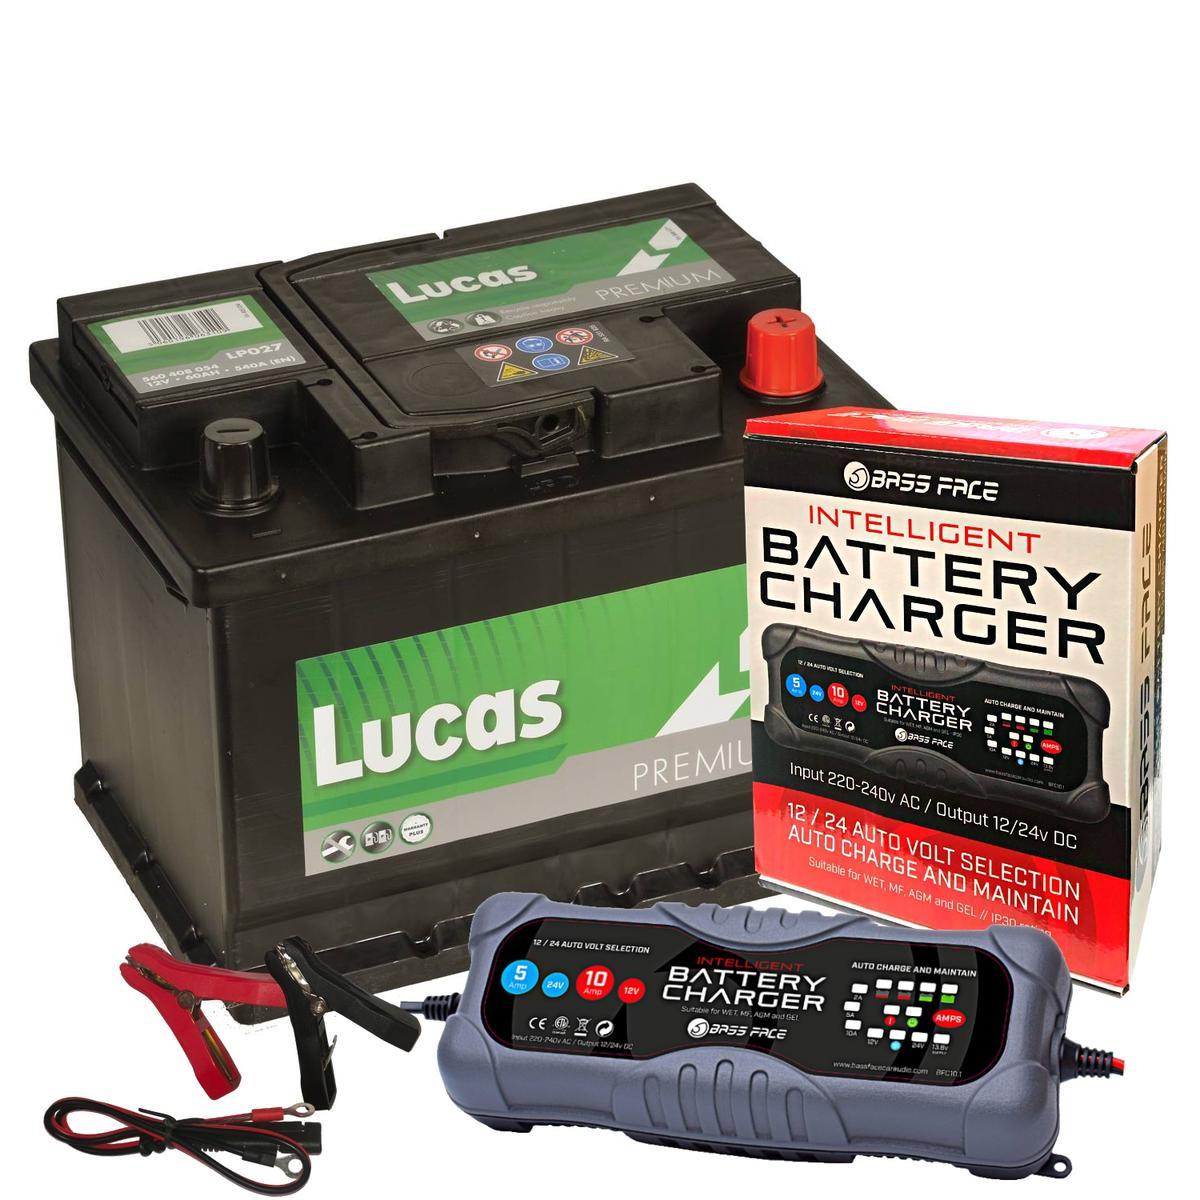 Lucas Premium LP027 12v 56Ah 540CCA Vaux BMW Volvo Car Battery W/ 10 Amp Charger